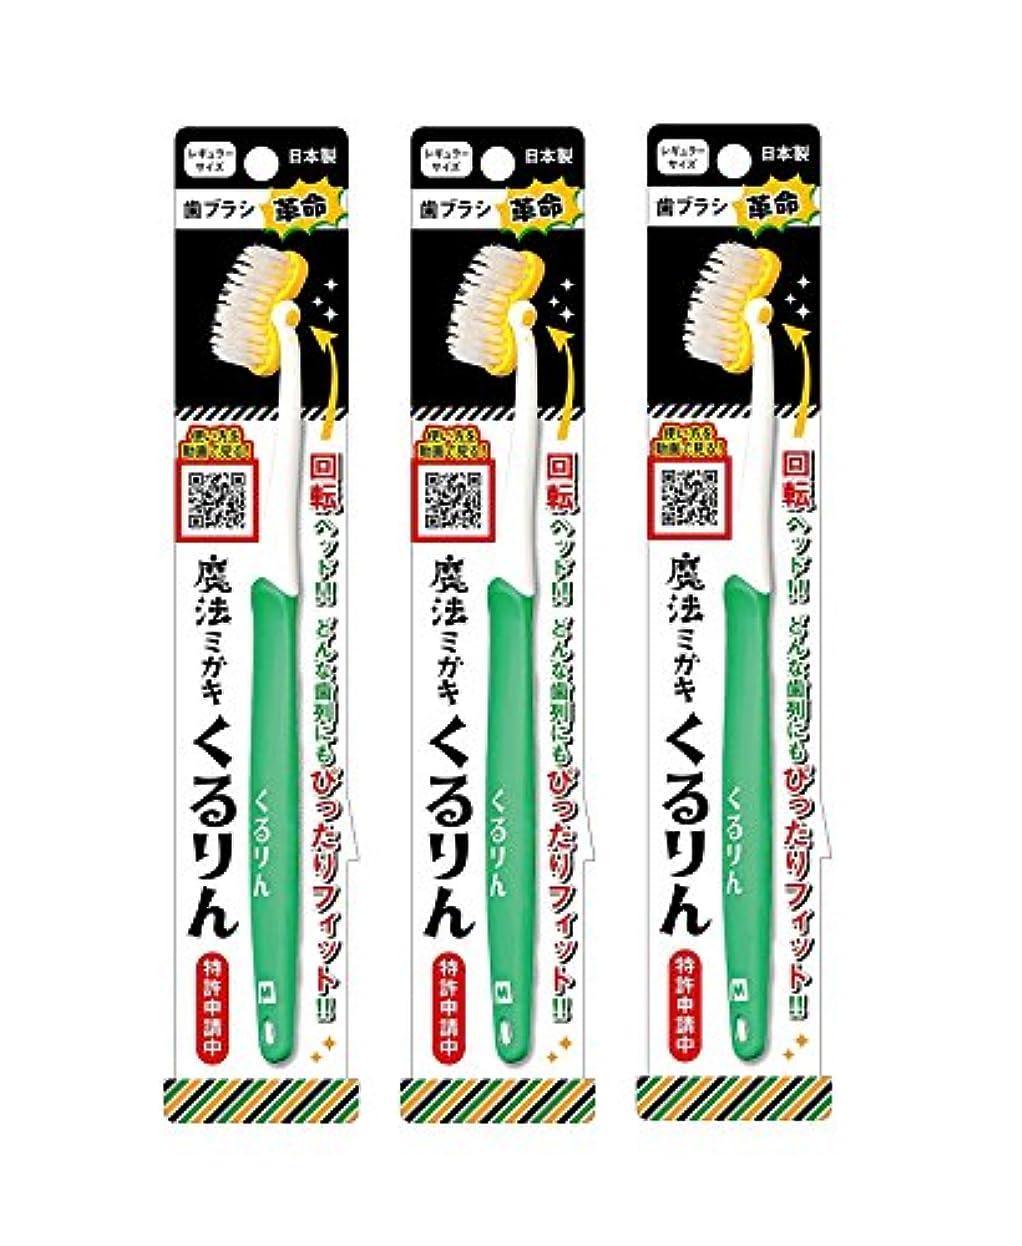 プラカードポルティコ立法歯ブラシ革命 魔法ミガキくるりん MM-151 グリーン 3本セット